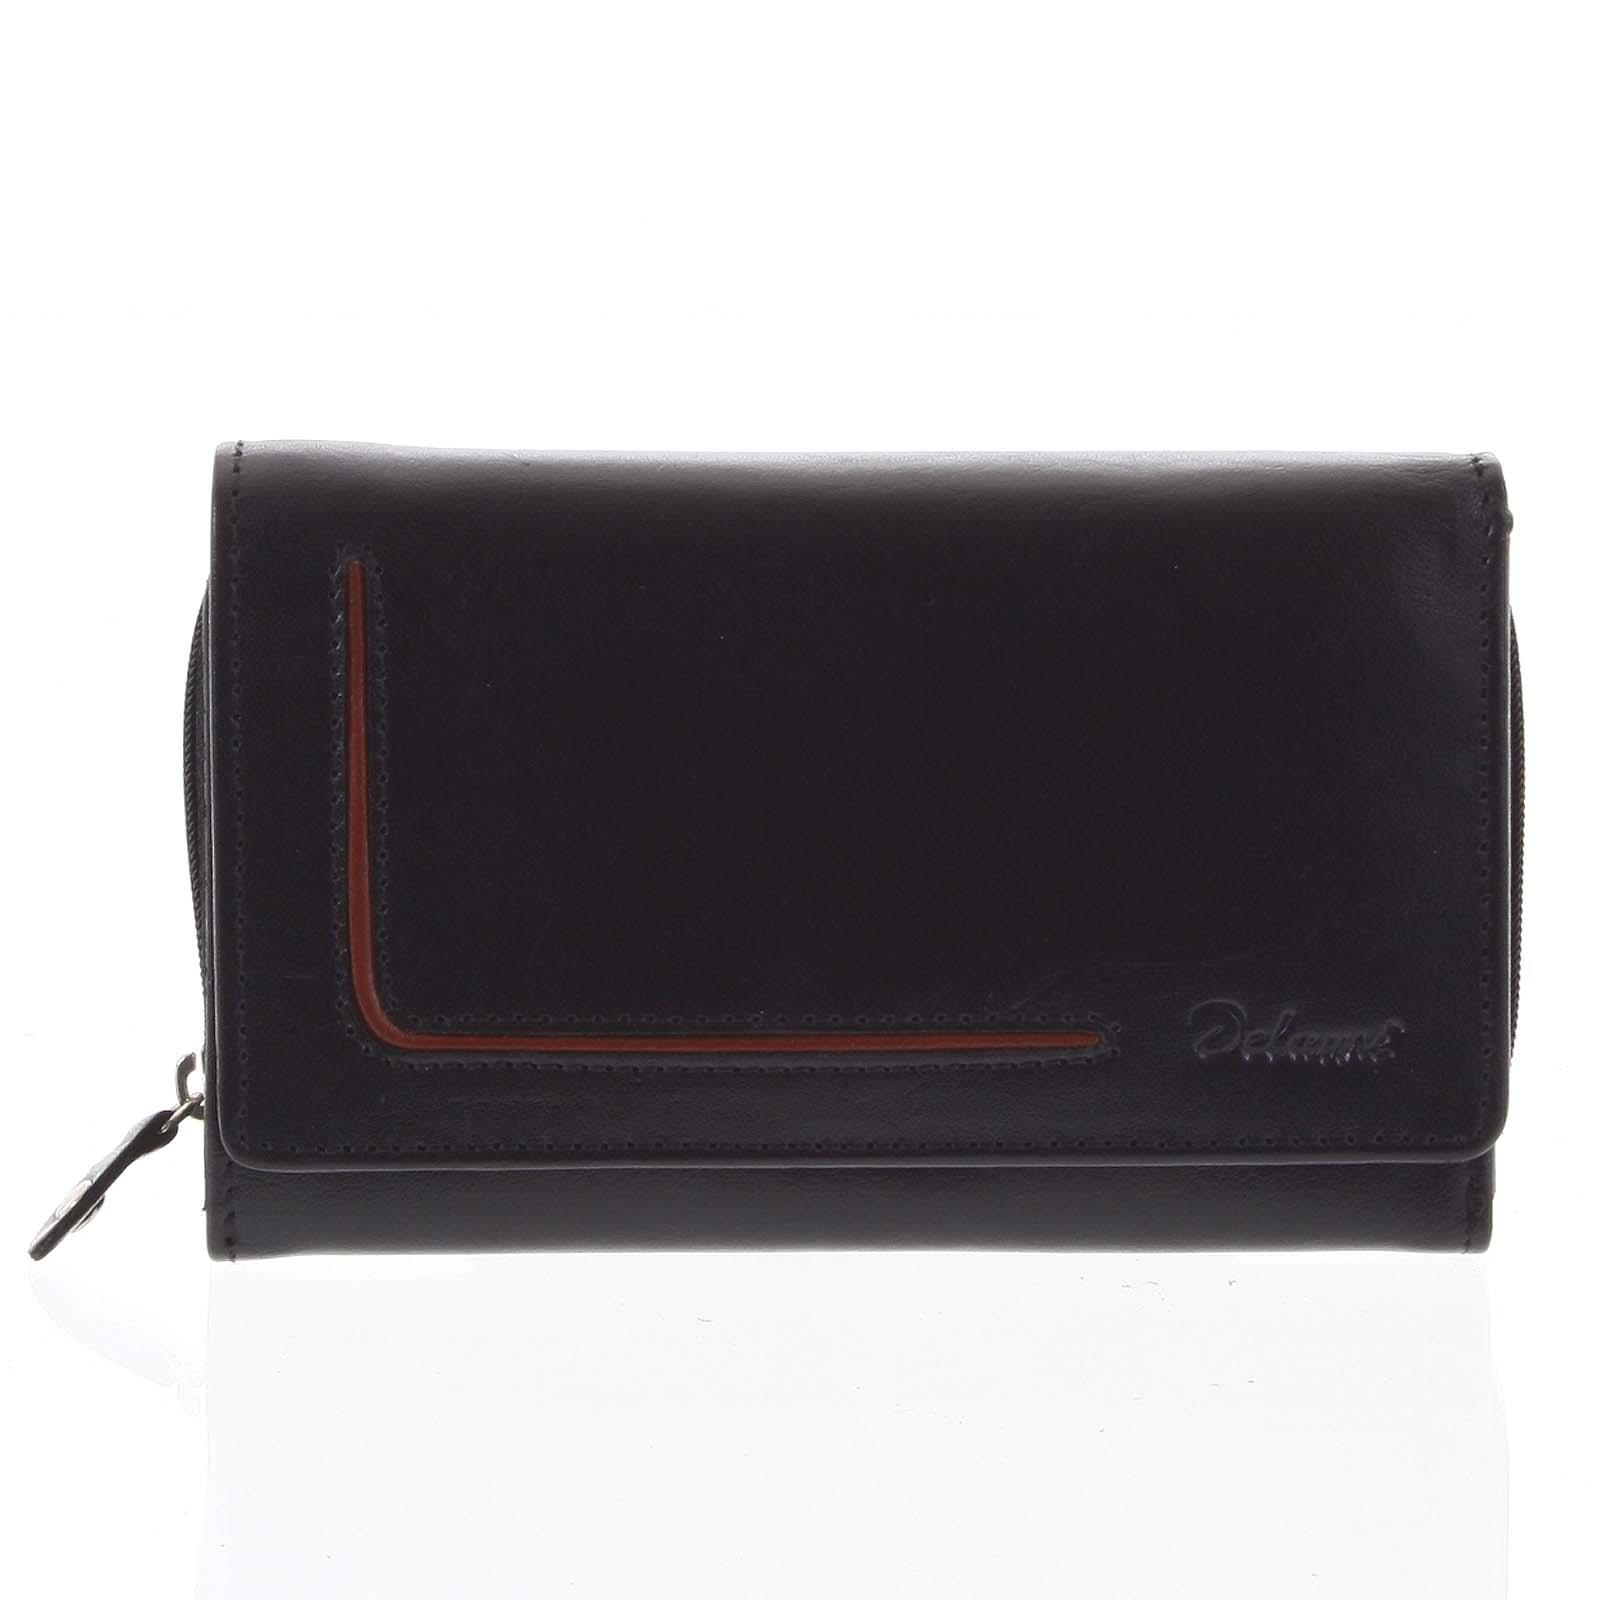 Dámska kožená peňaženka čierna - Delami Nuria